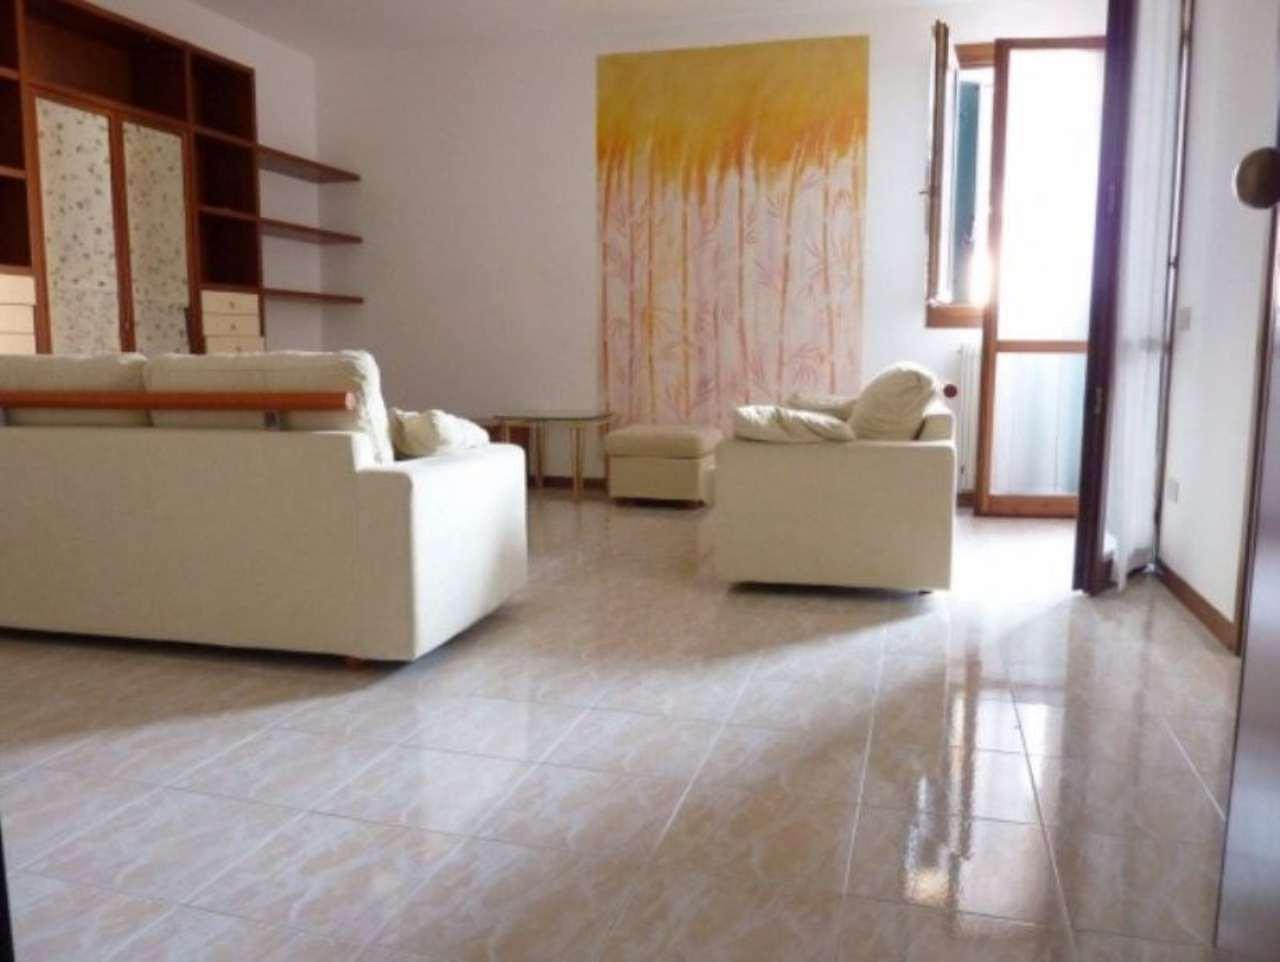 Appartamento in vendita a Carbonera, 3 locali, prezzo € 115.000 | Cambio Casa.it